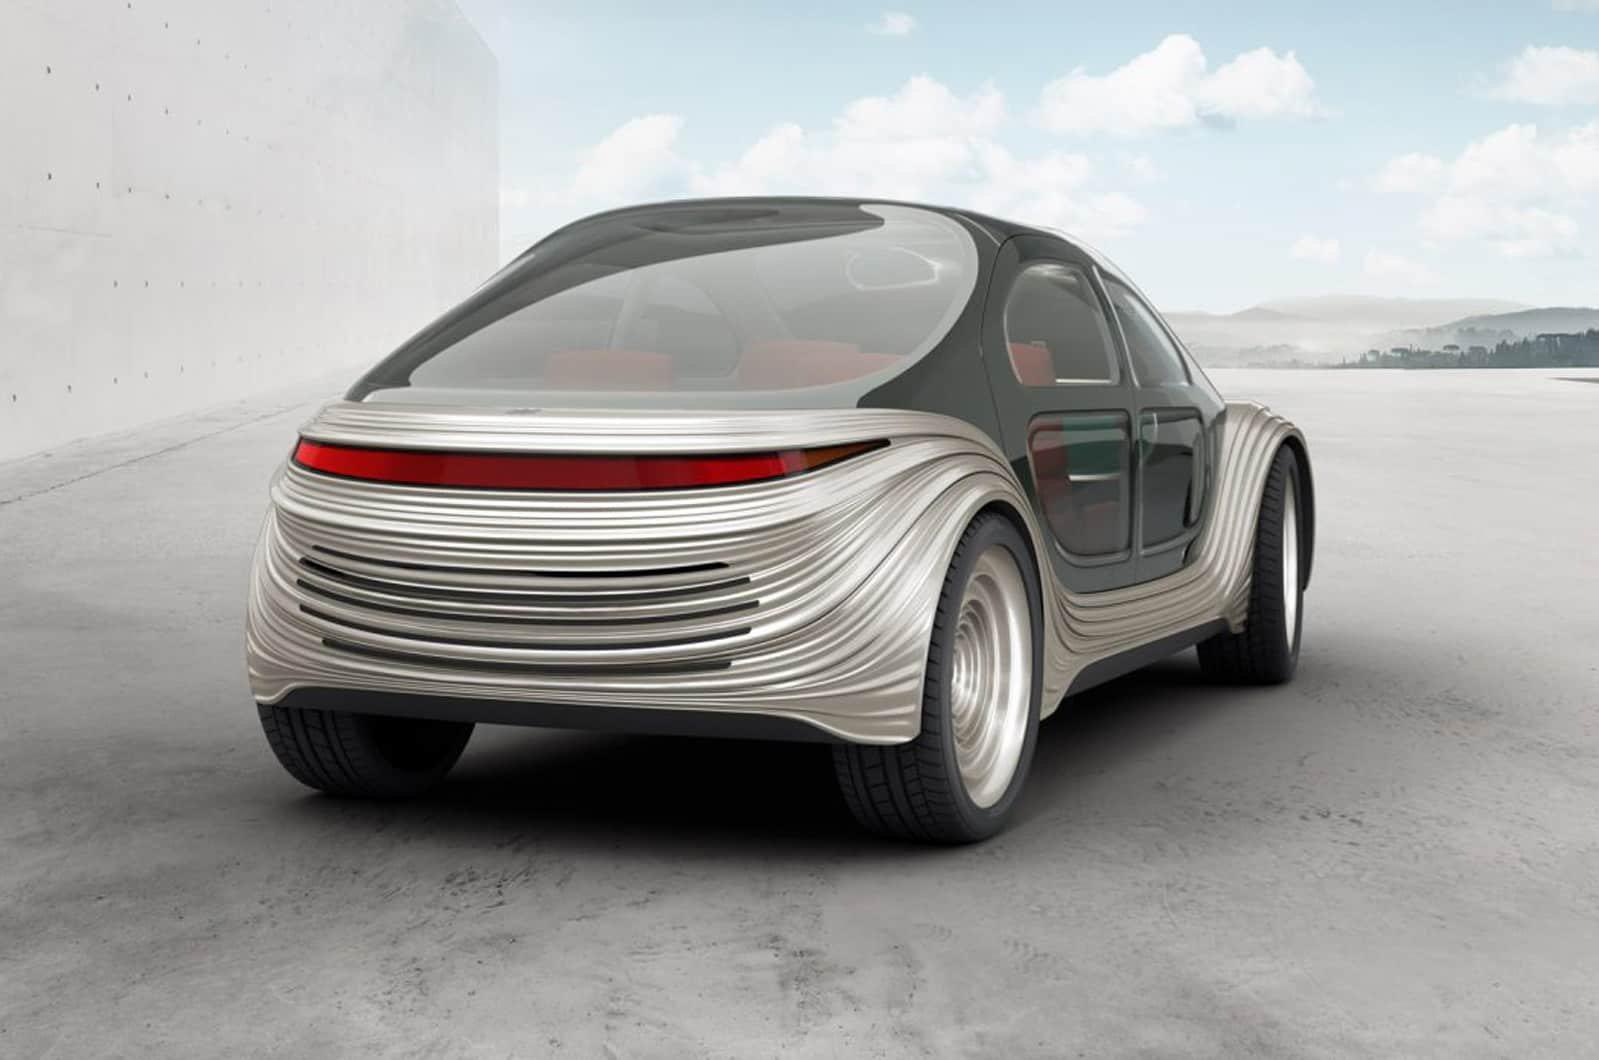 Airo Concept Rear